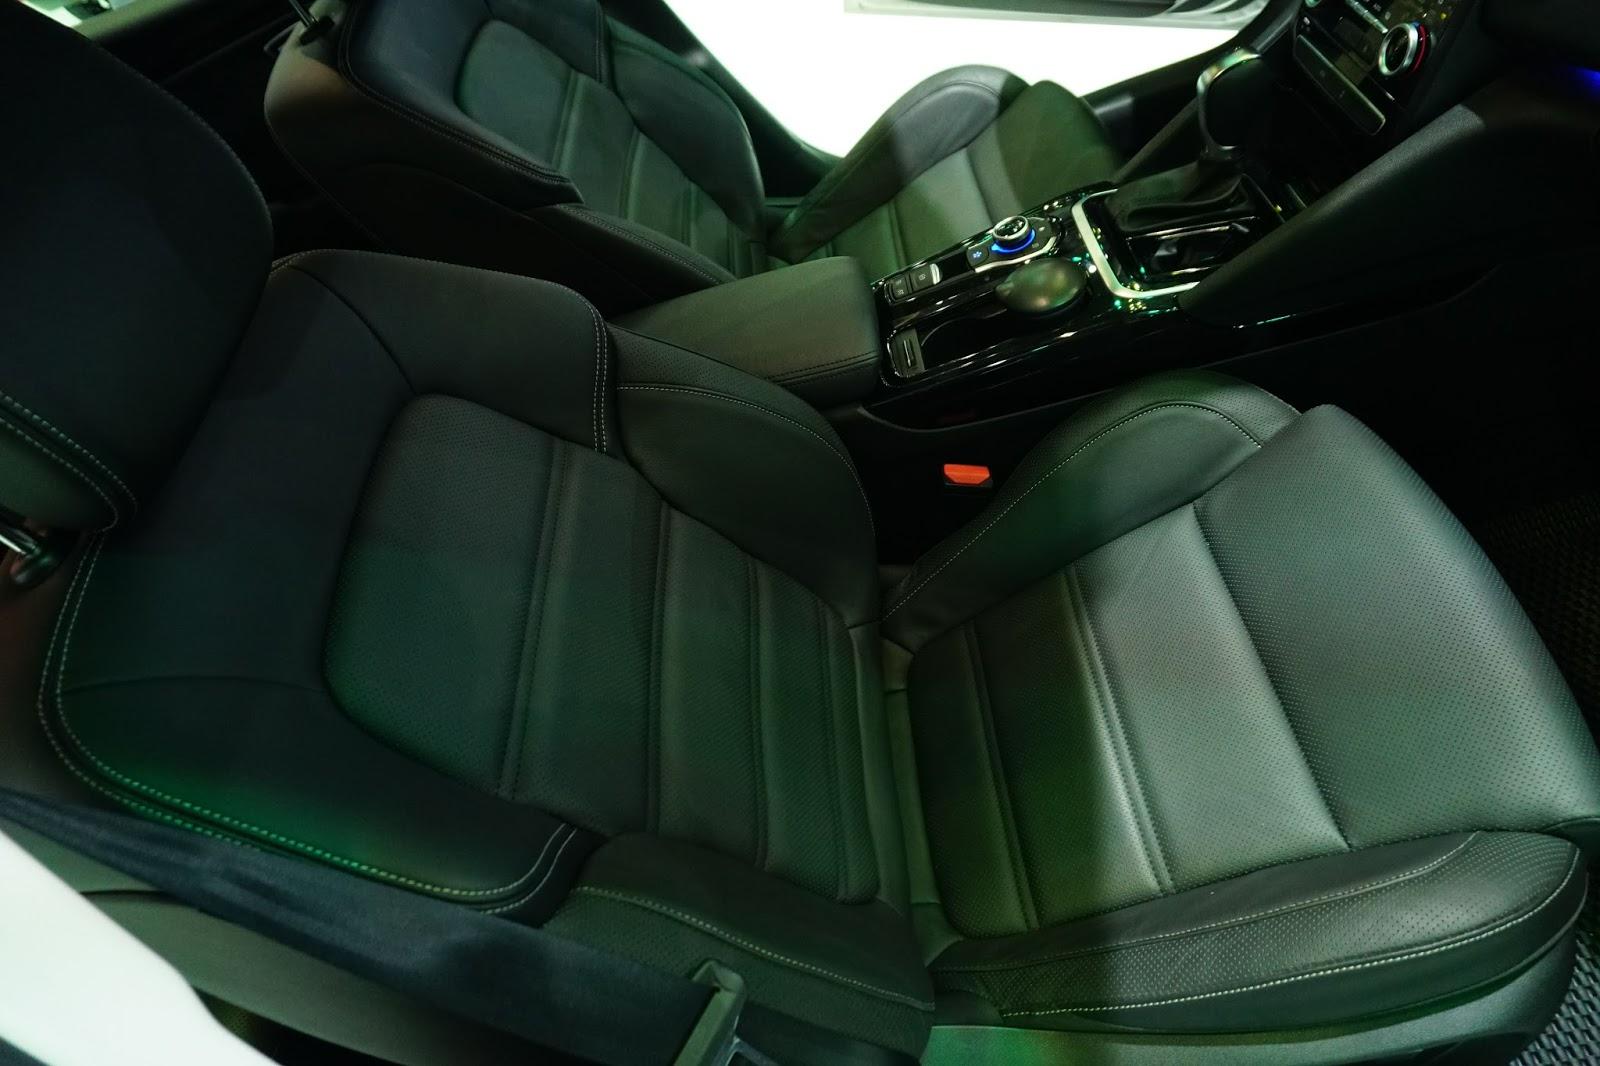 Ghế ngồi cực thoải mái, bọc da sang trọng, êm như những dòng xe cao cấp